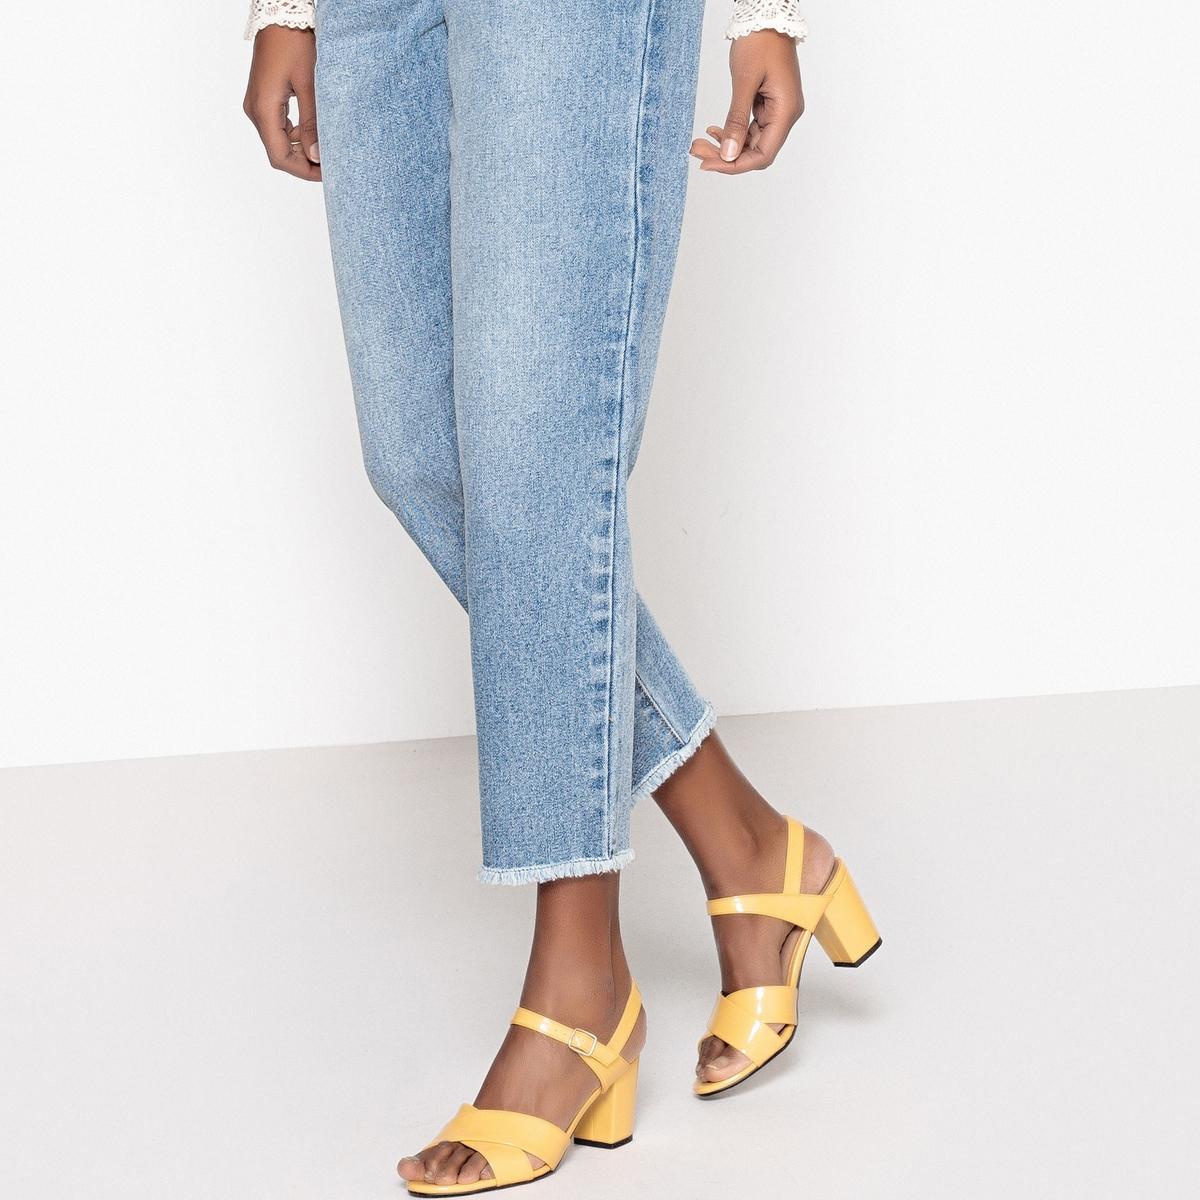 Sandalias de charol amarillas con correas cruzadas